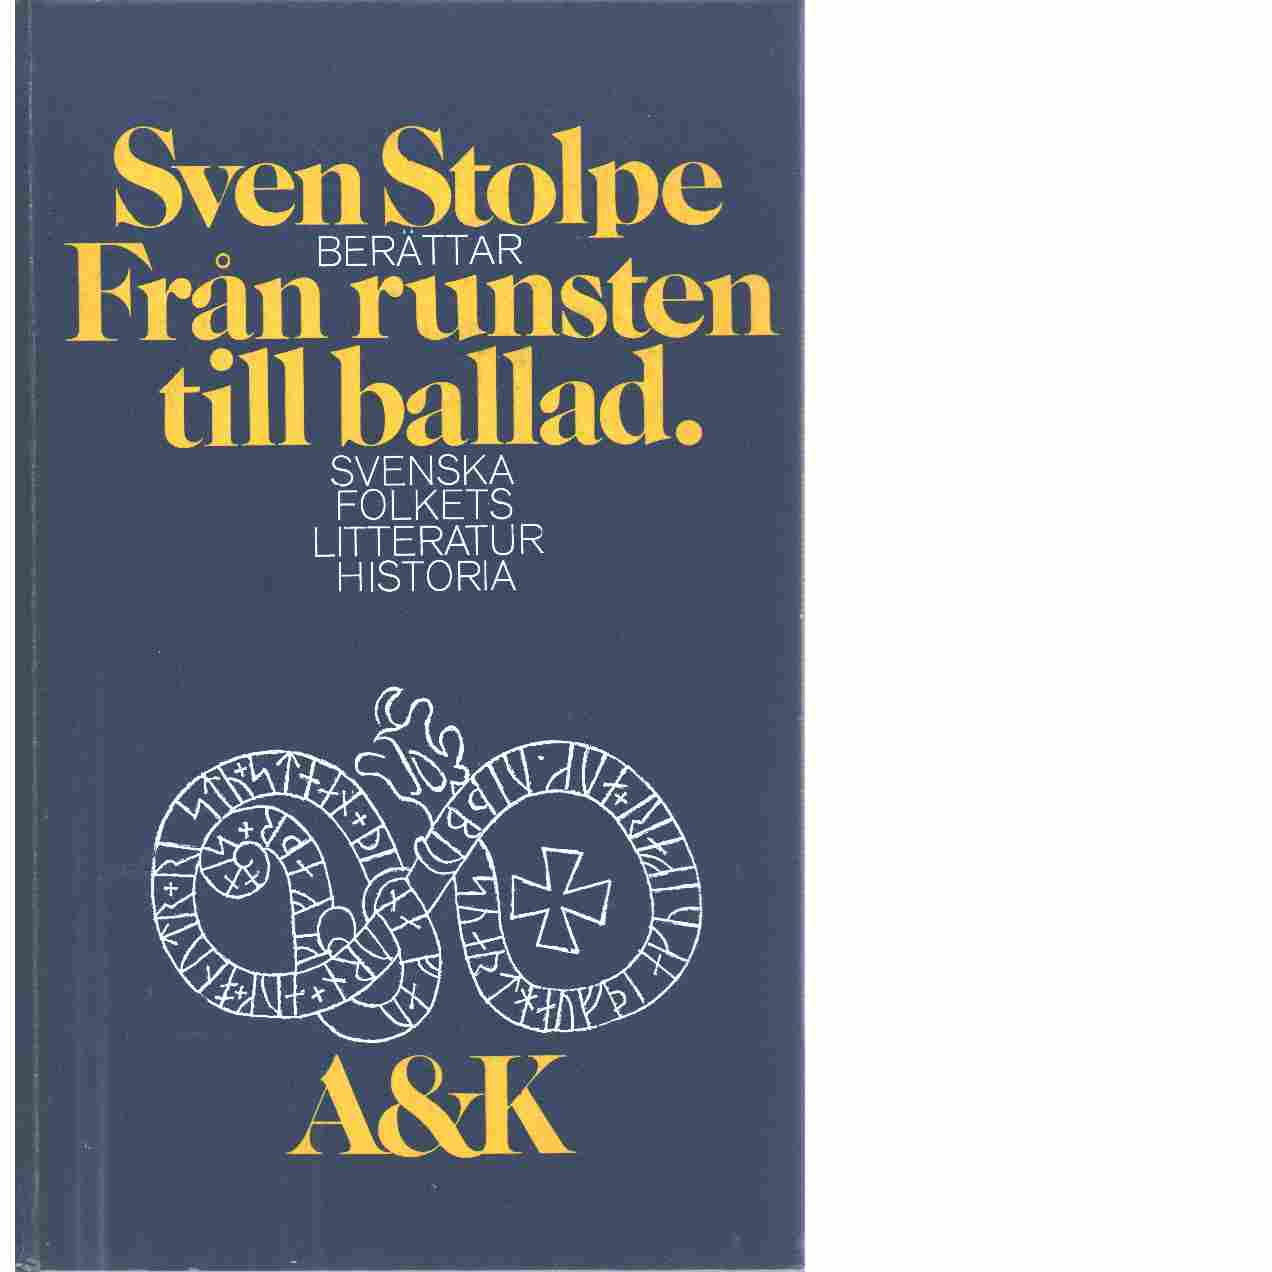 Svenska folkets litteraturhistoria. [1], Från runsten till ballad - Stolpe, Sven